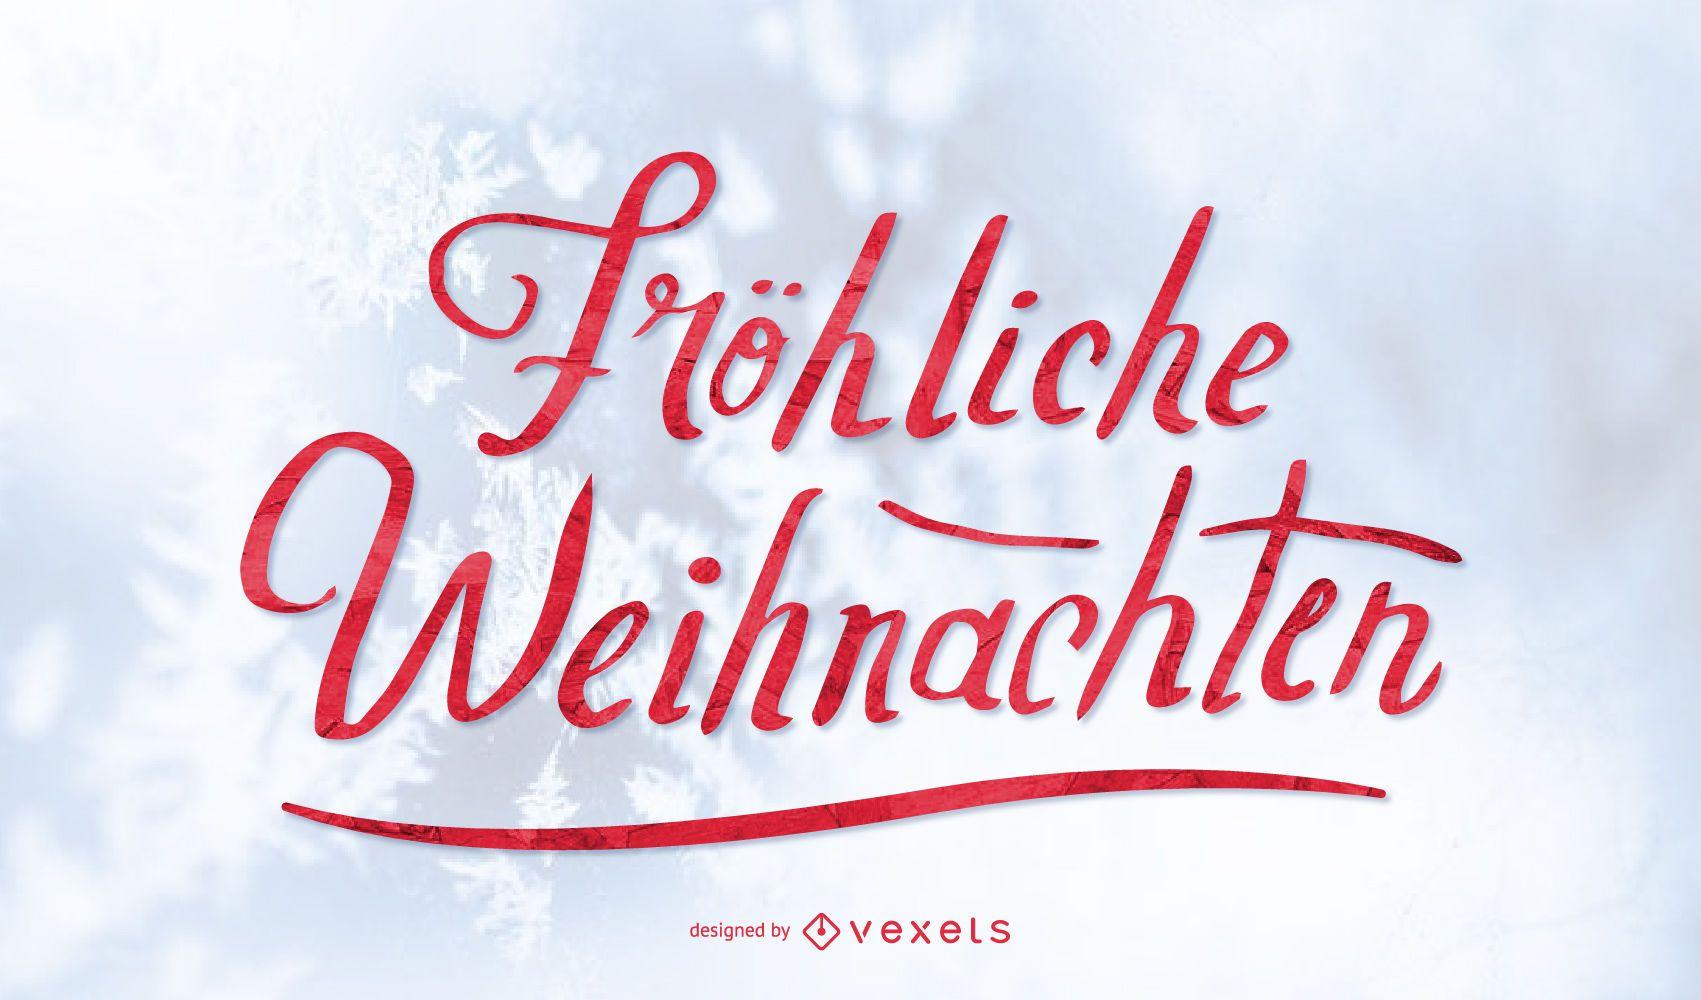 Fröhliche Weihnachten Christmas lettering